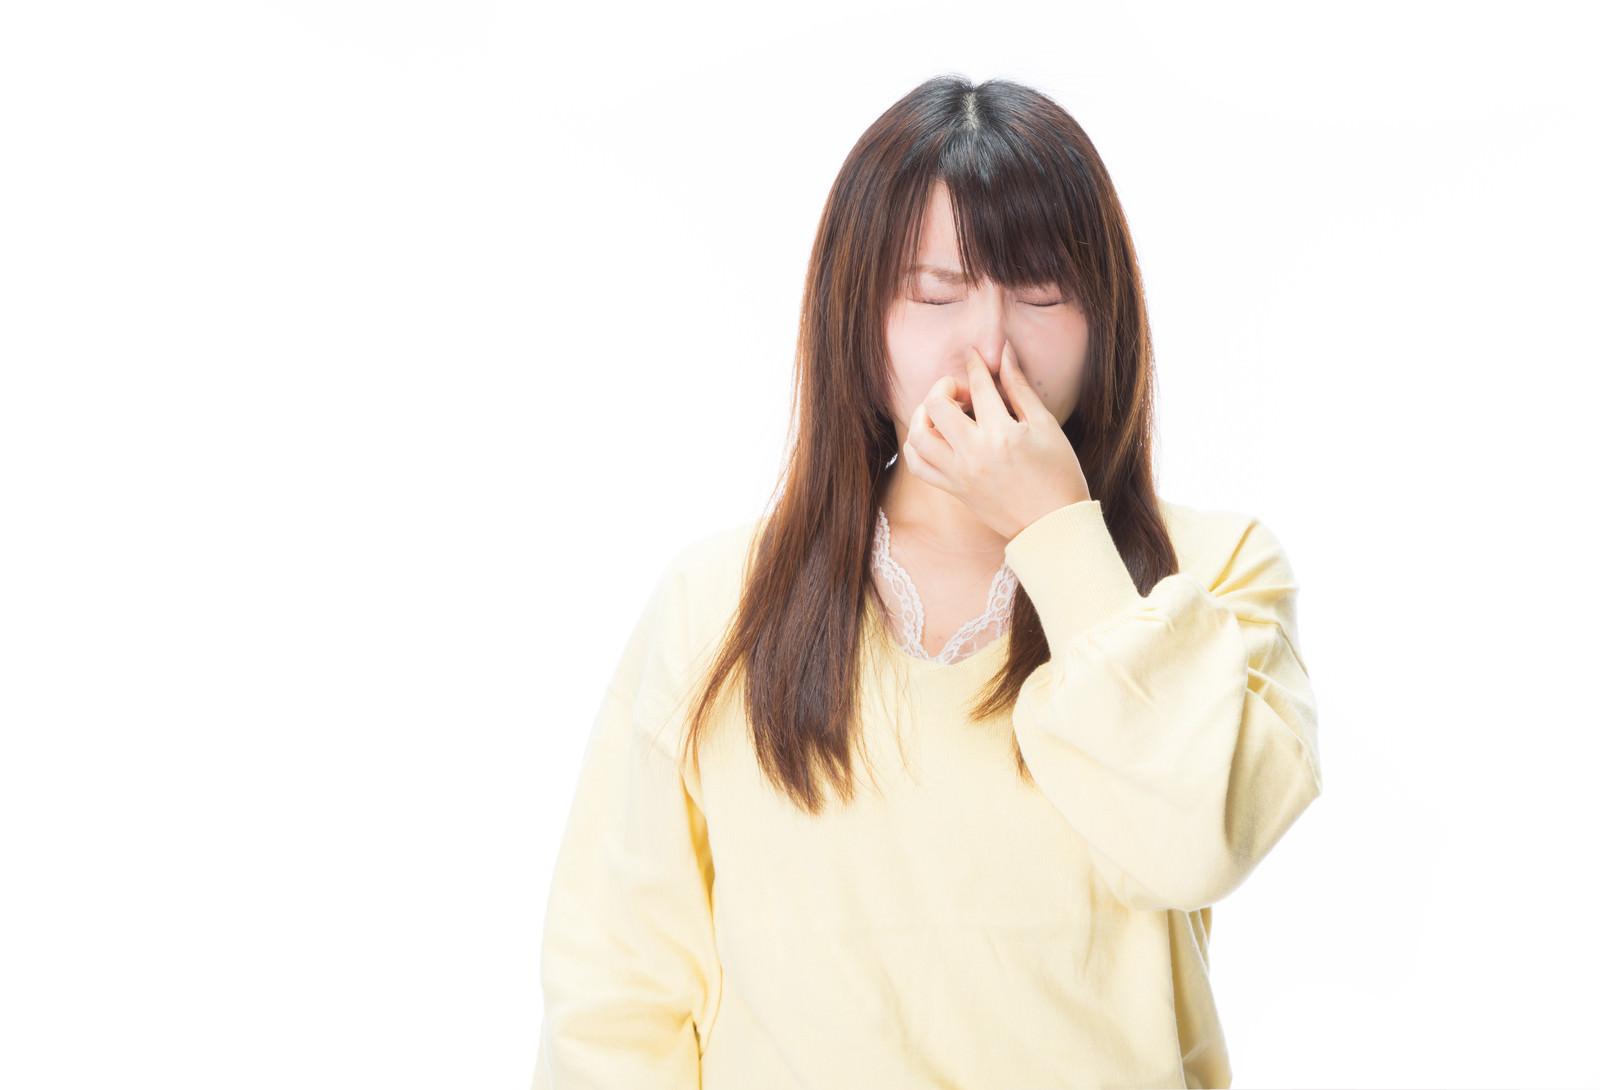 「衝撃的なにおいに思わず目を閉じる女性」の写真[モデル:Lala]